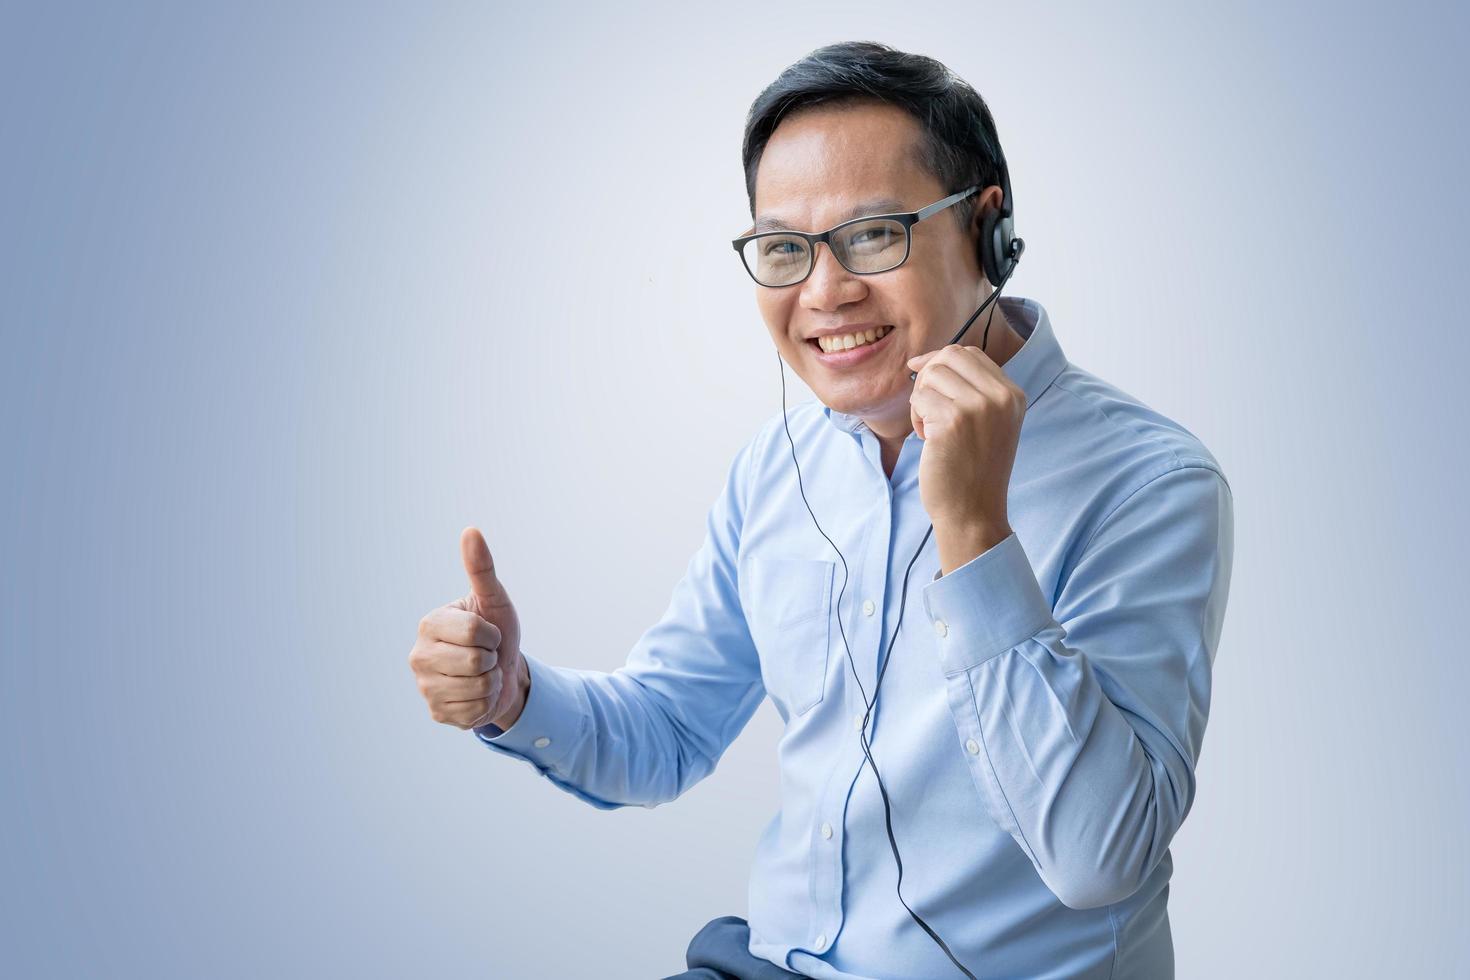 uomo di mezza età che cattura chiamata sull'auricolare isolato su priorità bassa blu foto